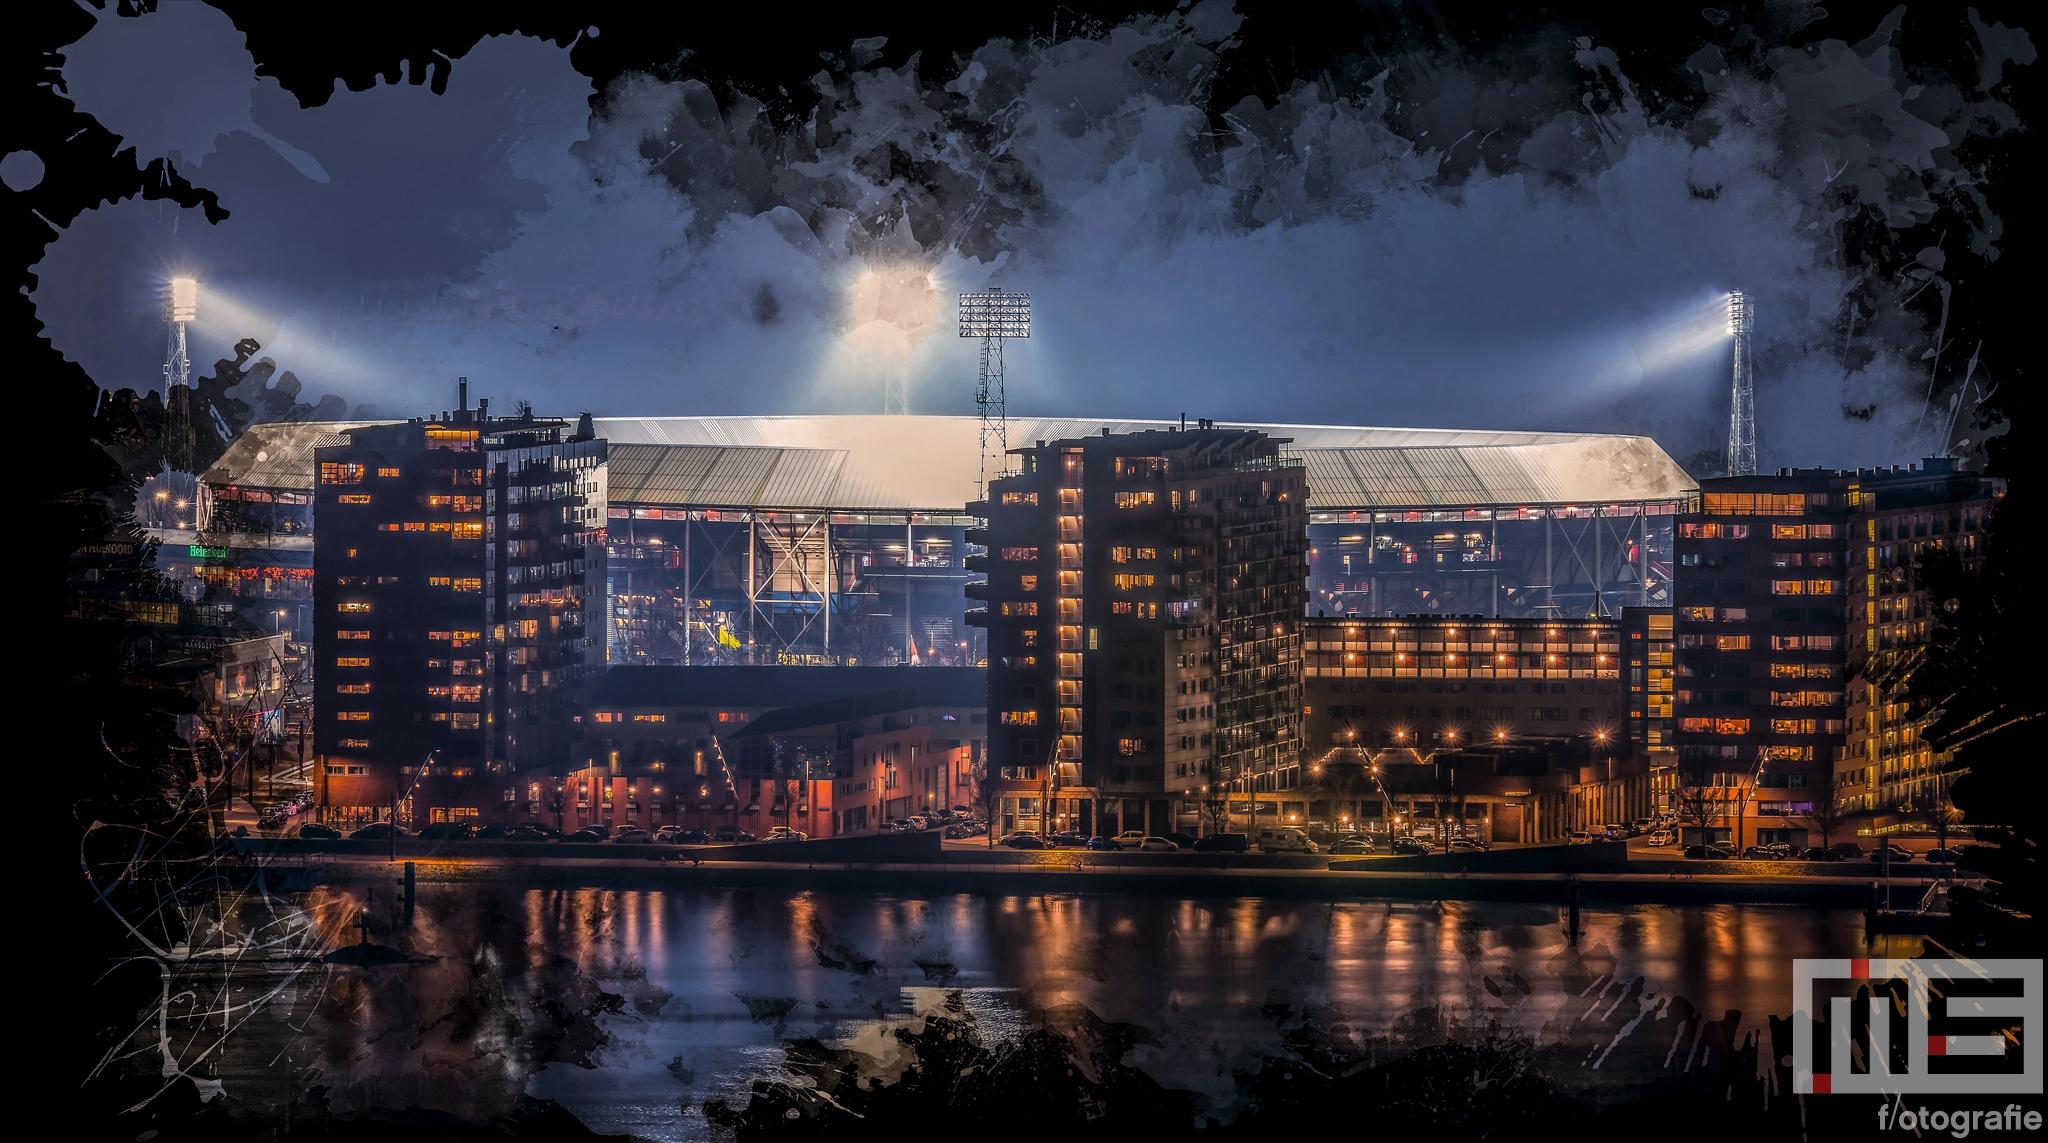 Te Koop   Het Feyenoord Art Stadion De Kuip in Rotterdam tijdens een speelavond